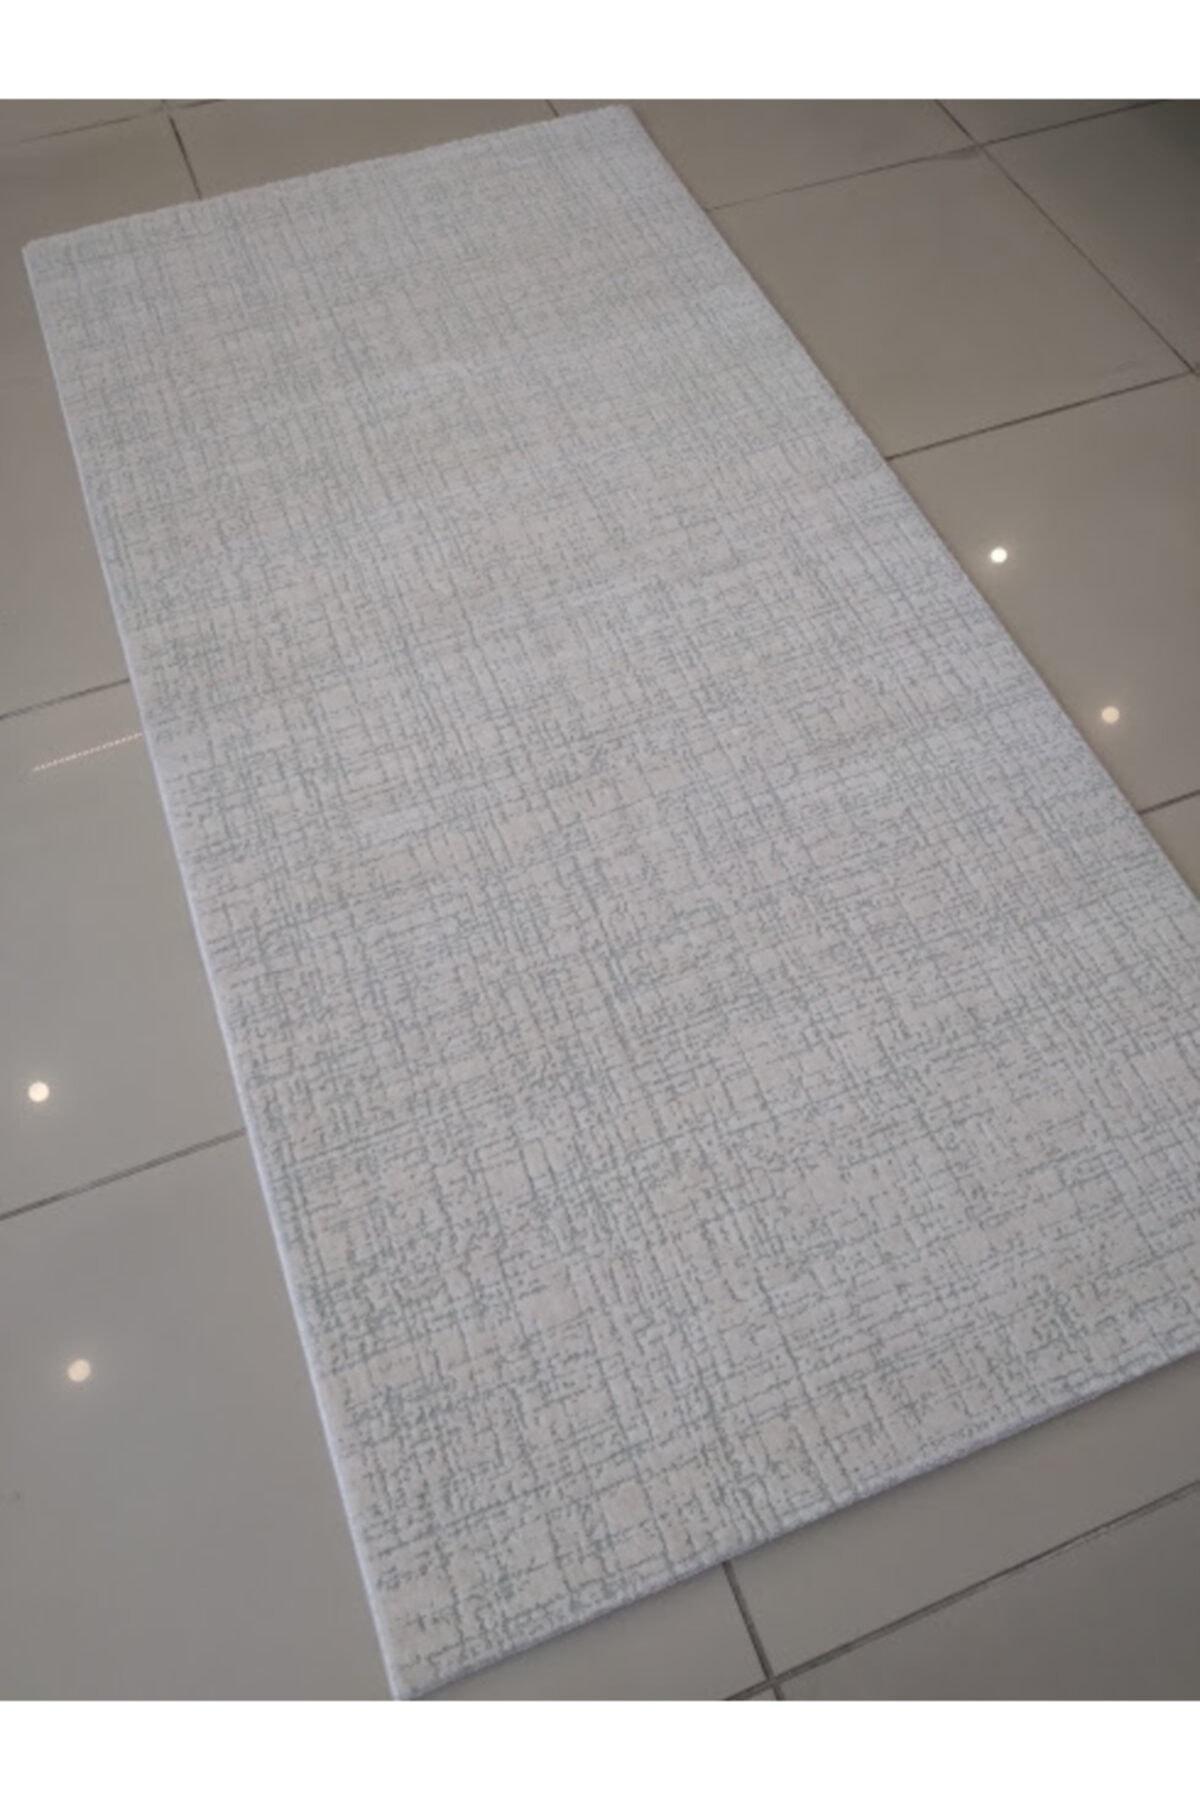 Karmen Halı Saltuk 1551 Beyaz Yeşil Modern Halı Yolluk 100x200 Cm 2